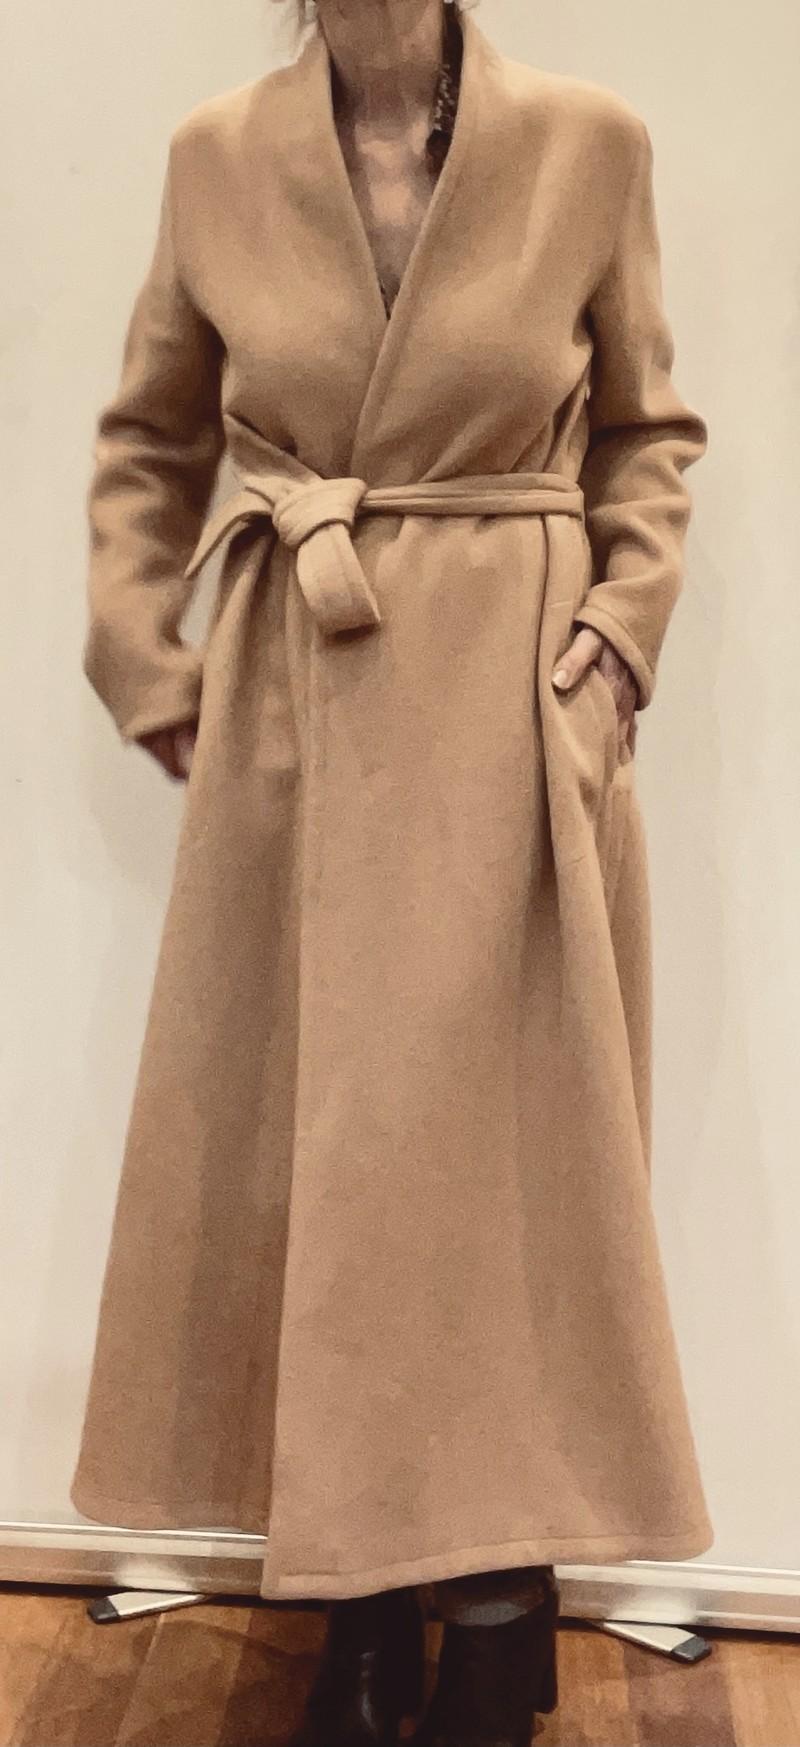 Manteau - Vêtements Femme - CONFIDENTIEL - Voir en grand